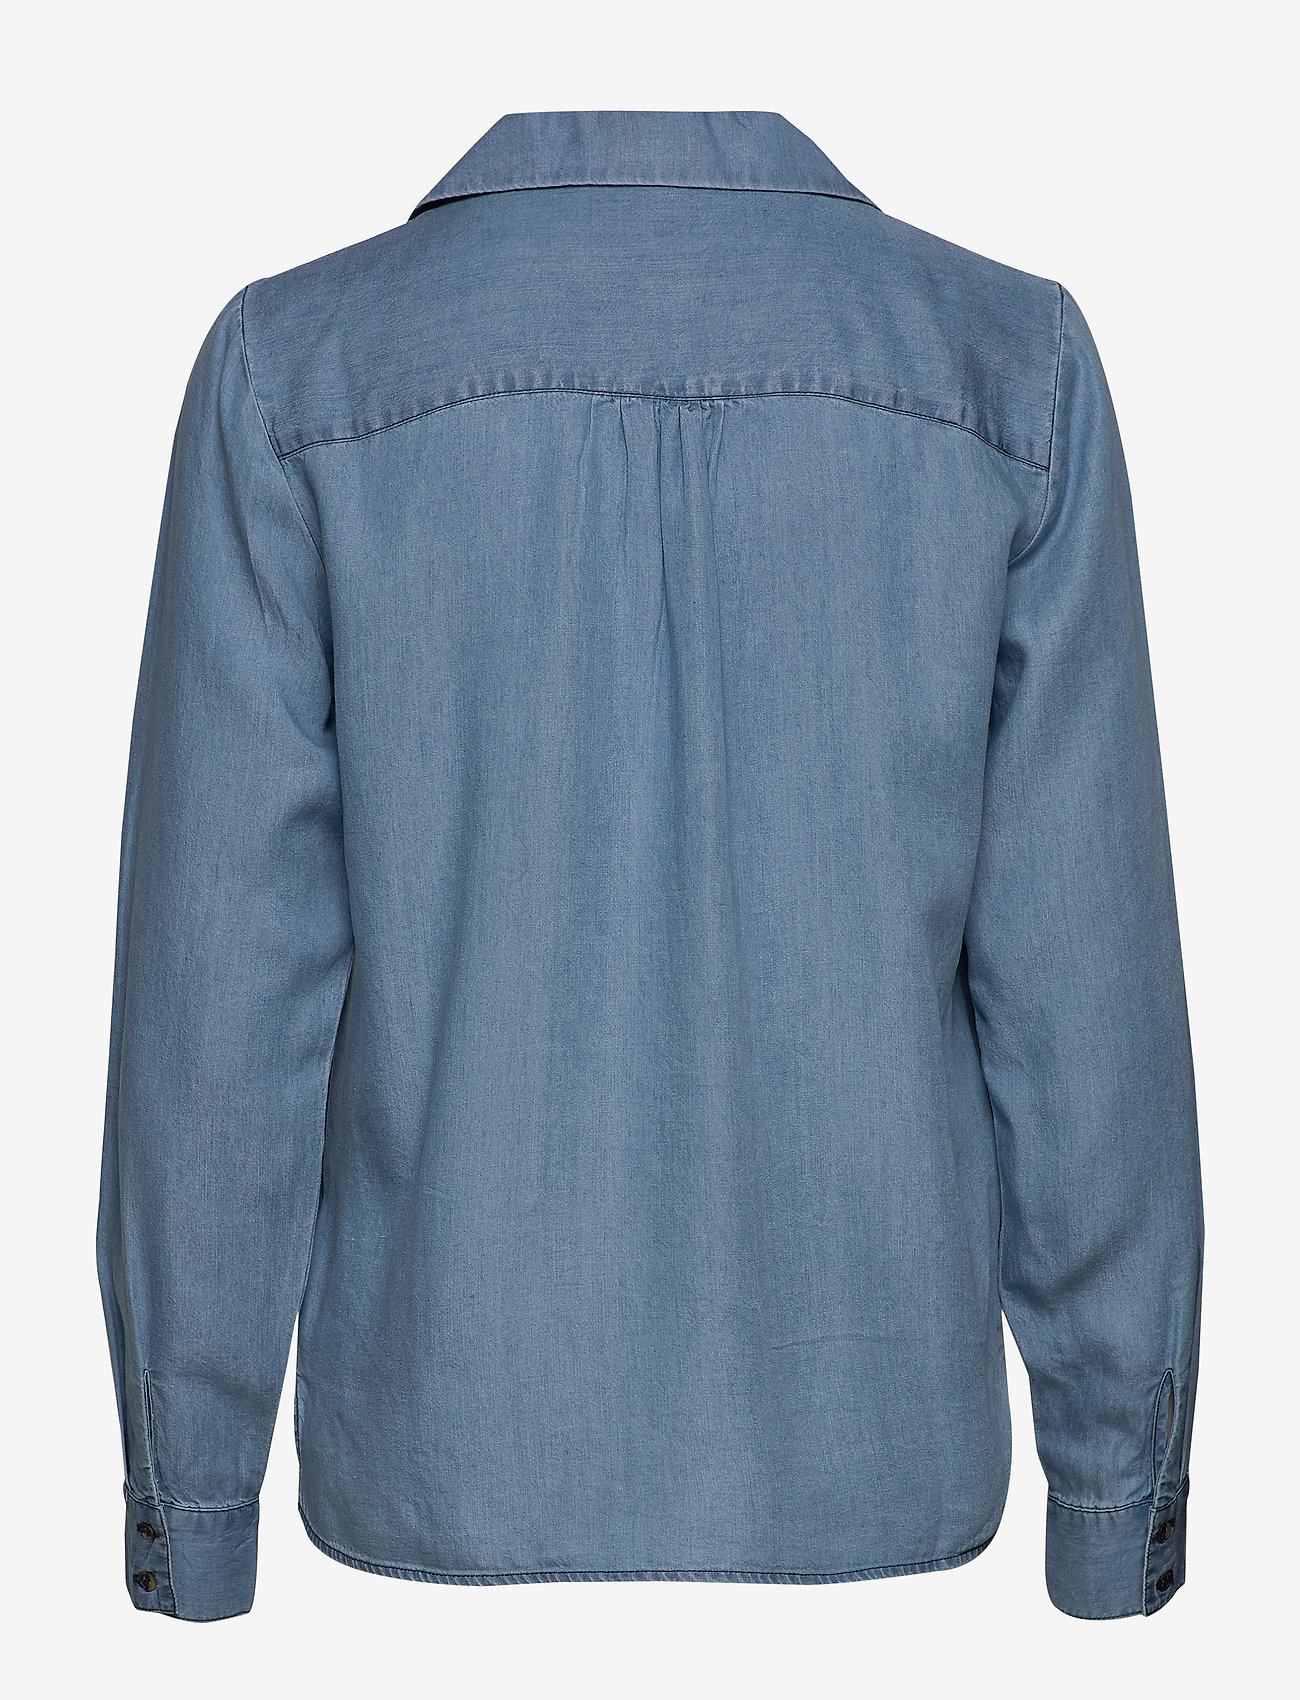 Moira Ls Shirt (Dark Blue) - Soft Rebels FqgOO9